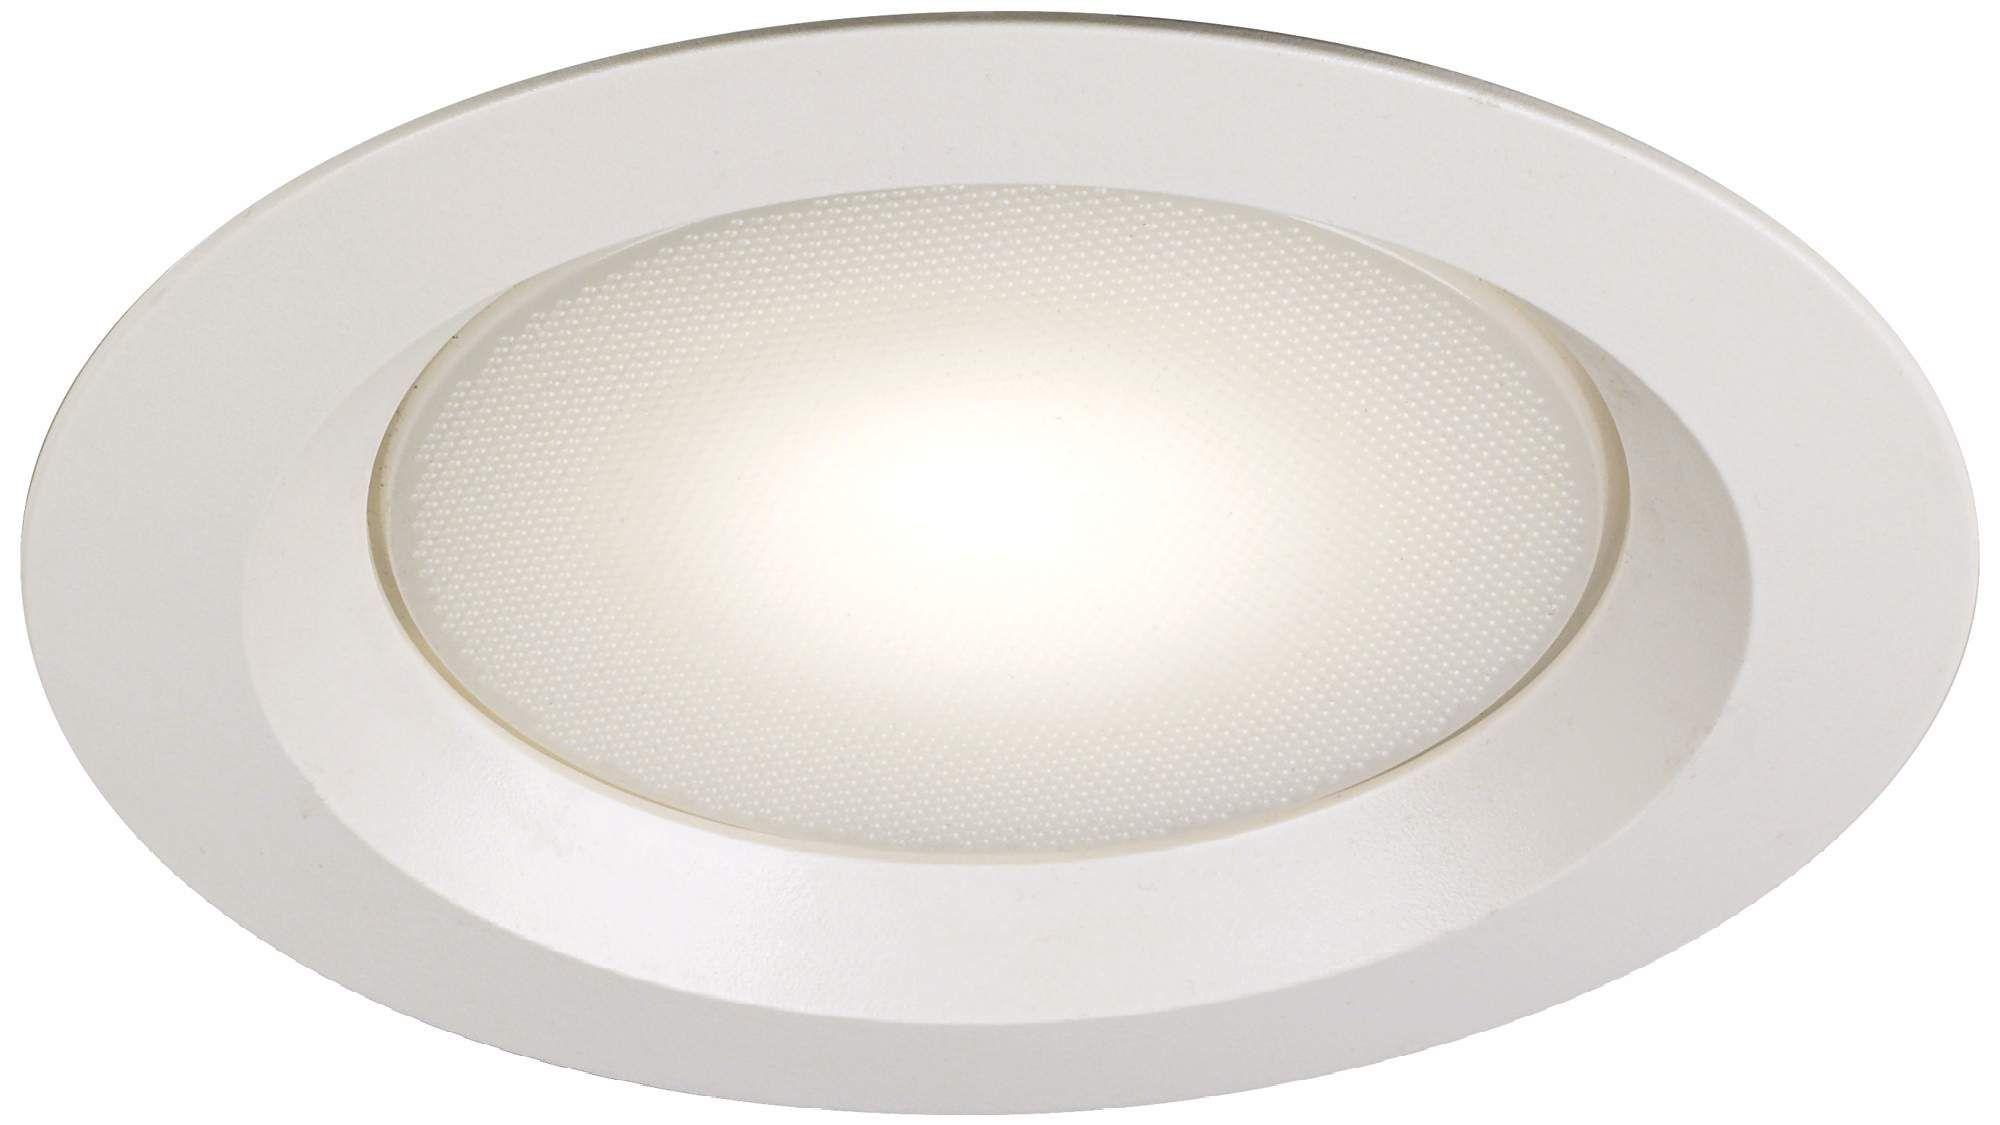 Recessed Lighting Juno 6 Line Voltage Wet Location Recessed Light Trim Recessed Light Trim Recessed Lighting Shower Lighting